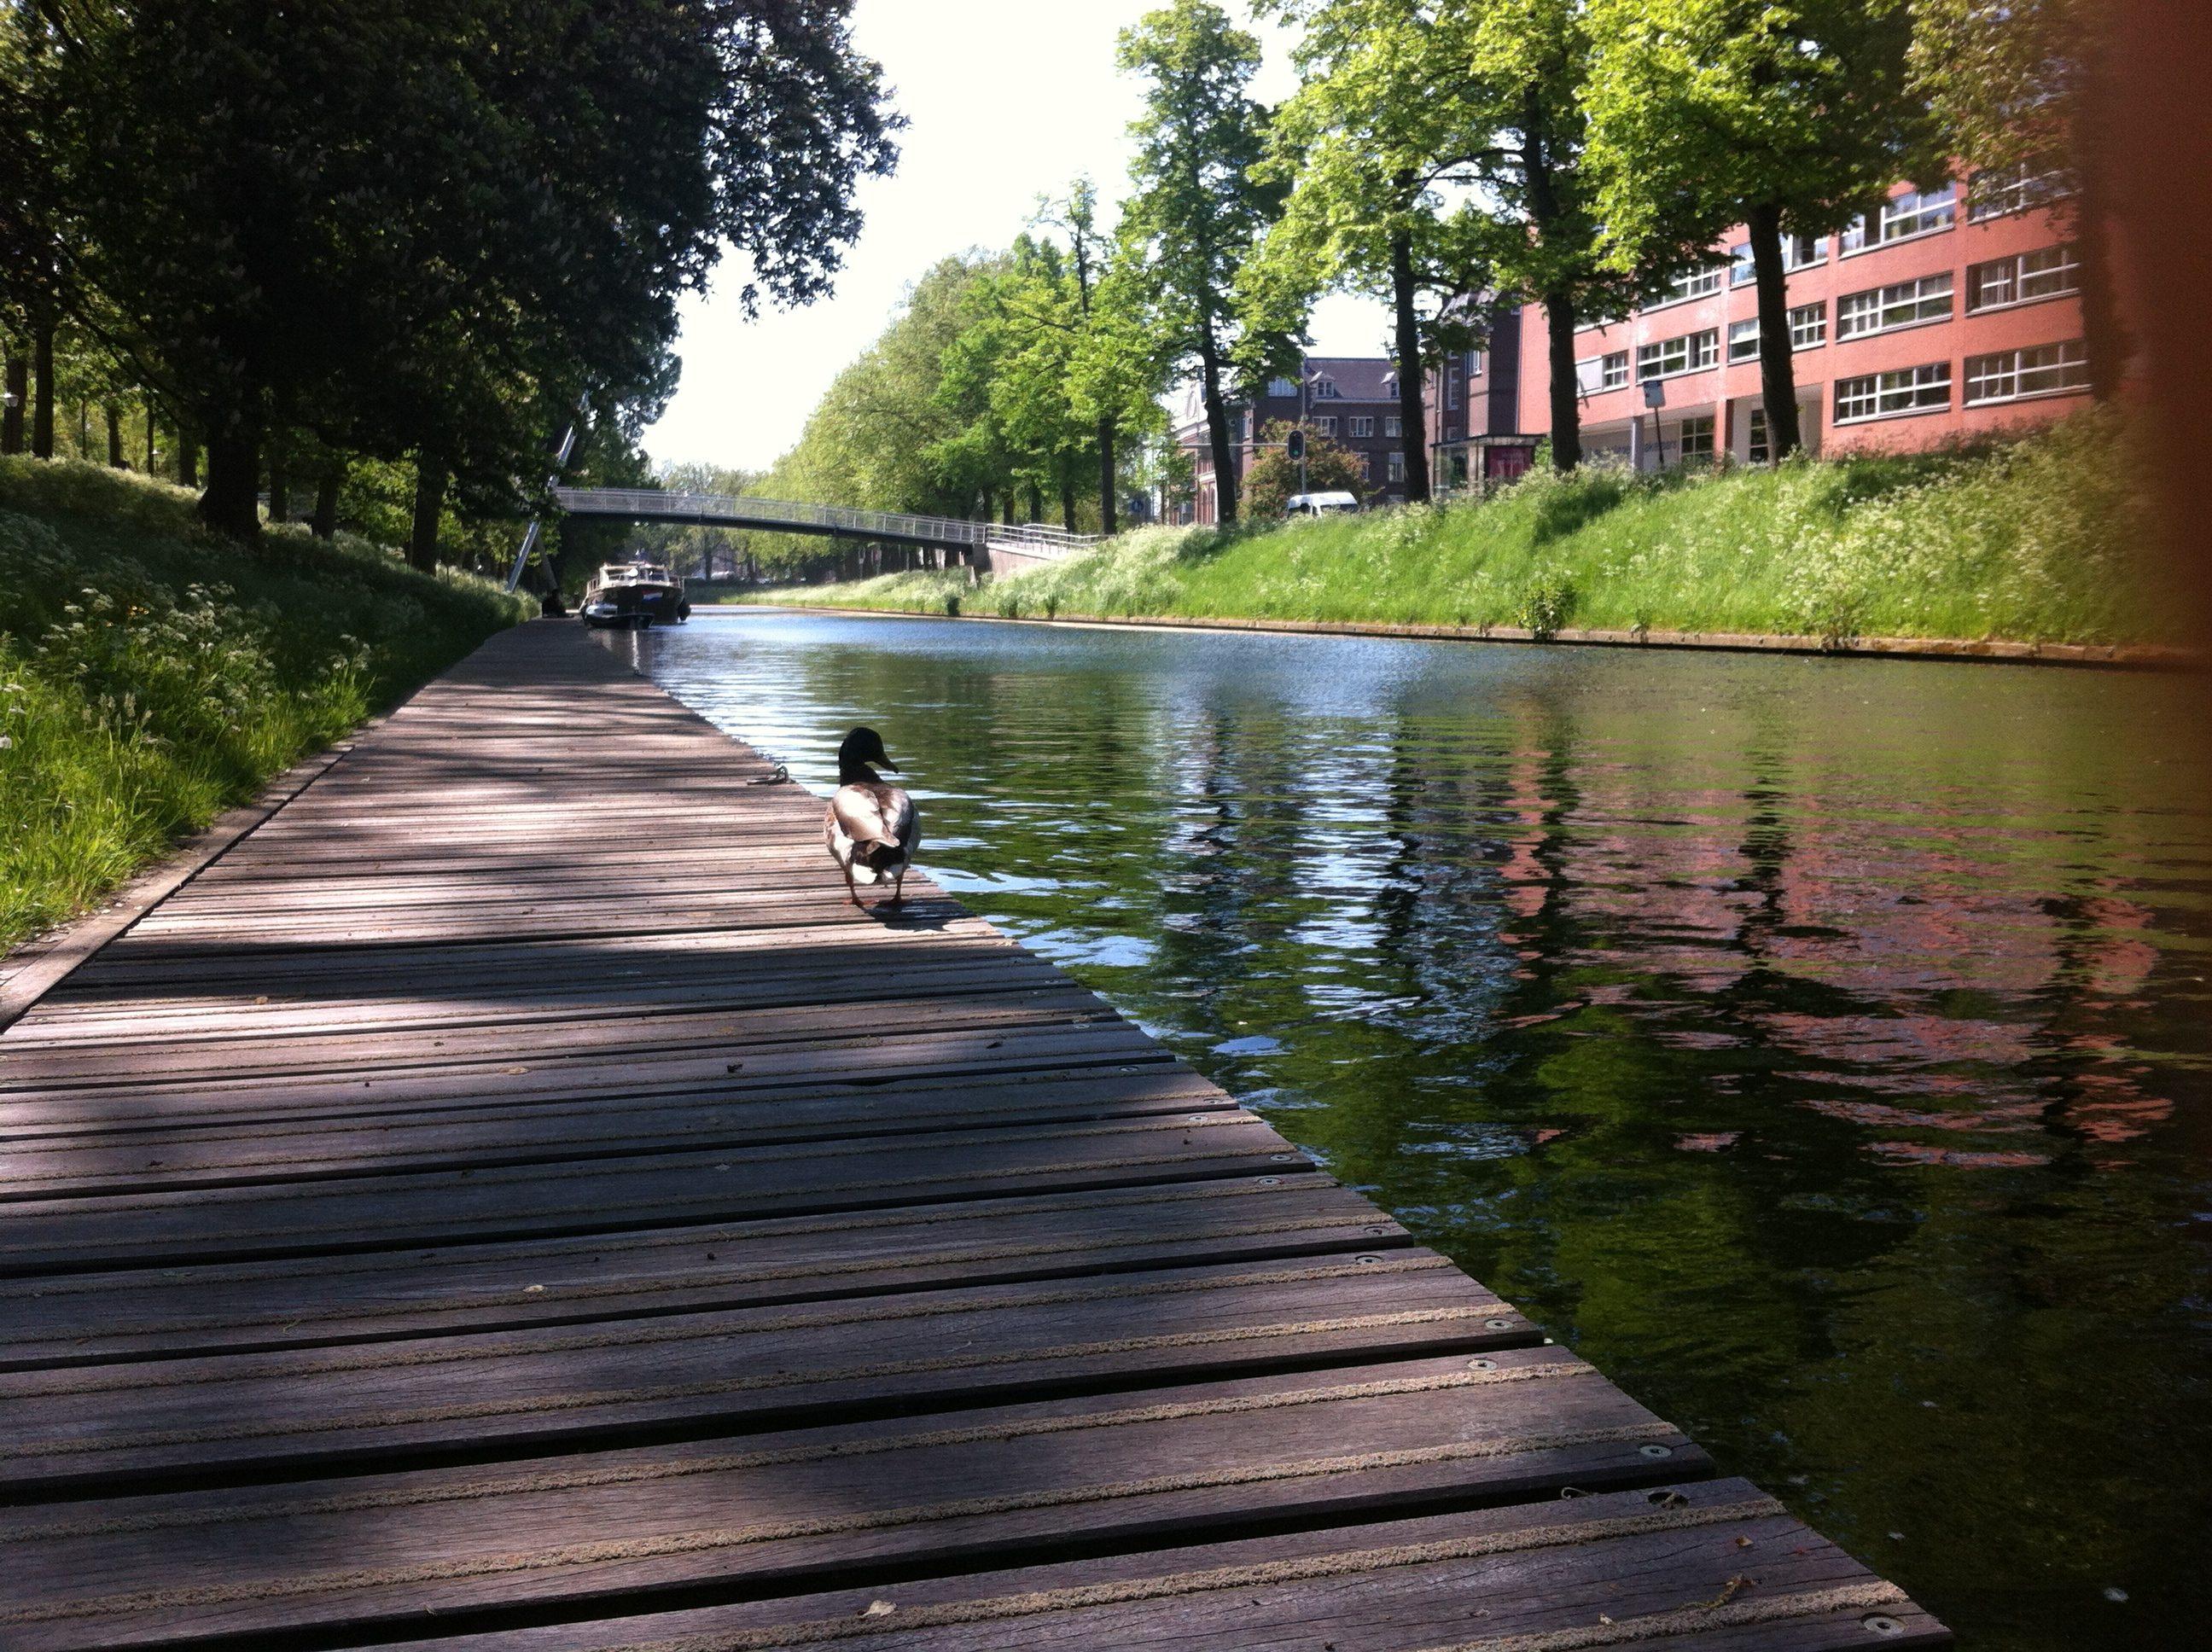 Yvonderweg - Groeien doe je elke dag - Blogpost typen op steiger aan het water met eend